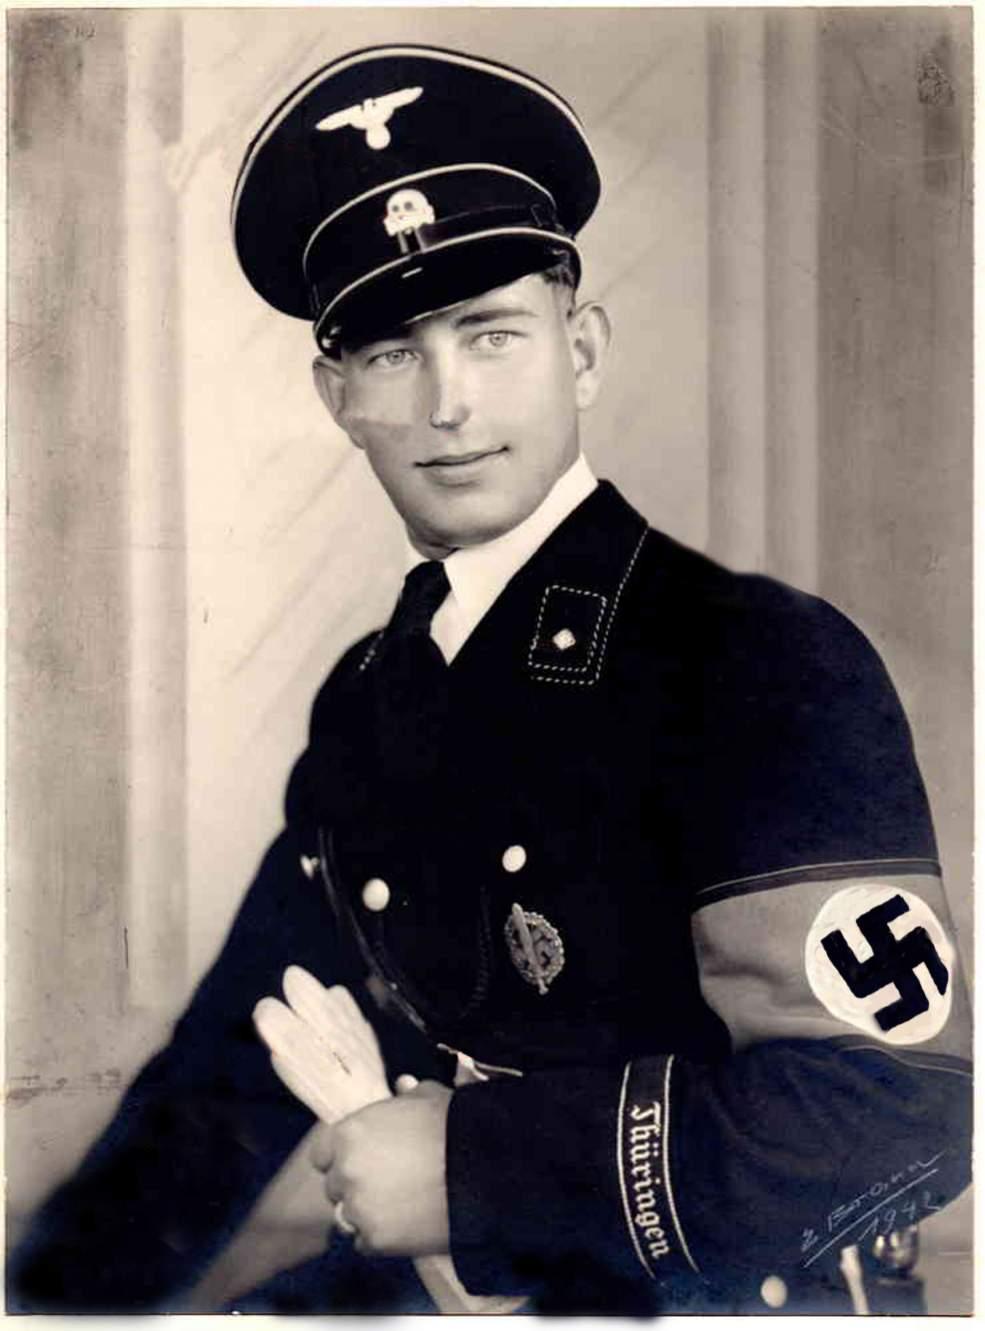 Ss Uniform Pictures 88